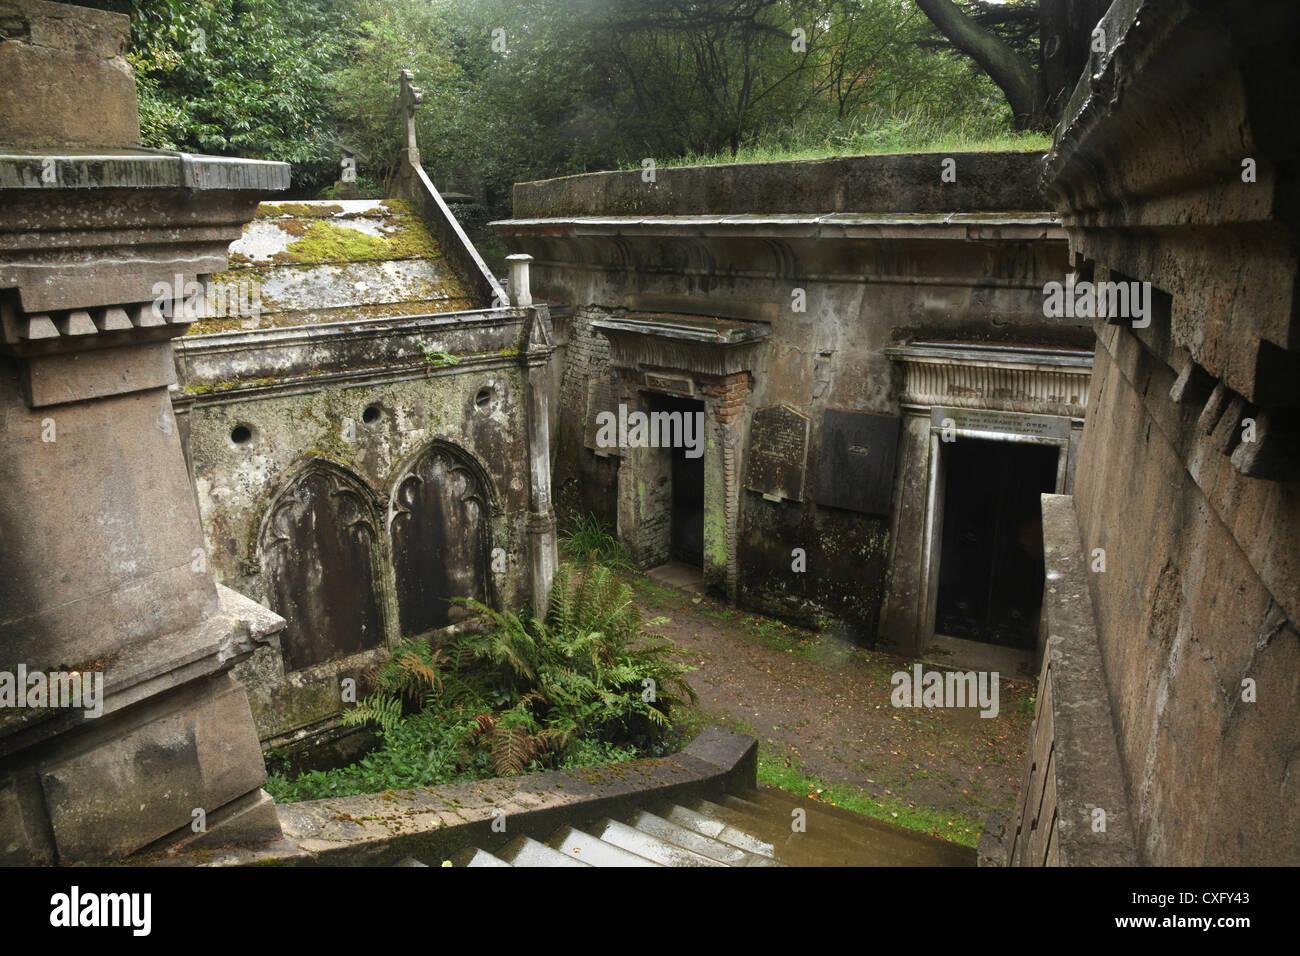 """""""Cerchio del Libano Vaults' presso il cimitero di Highgate West in London Inghilterra England Foto Stock"""